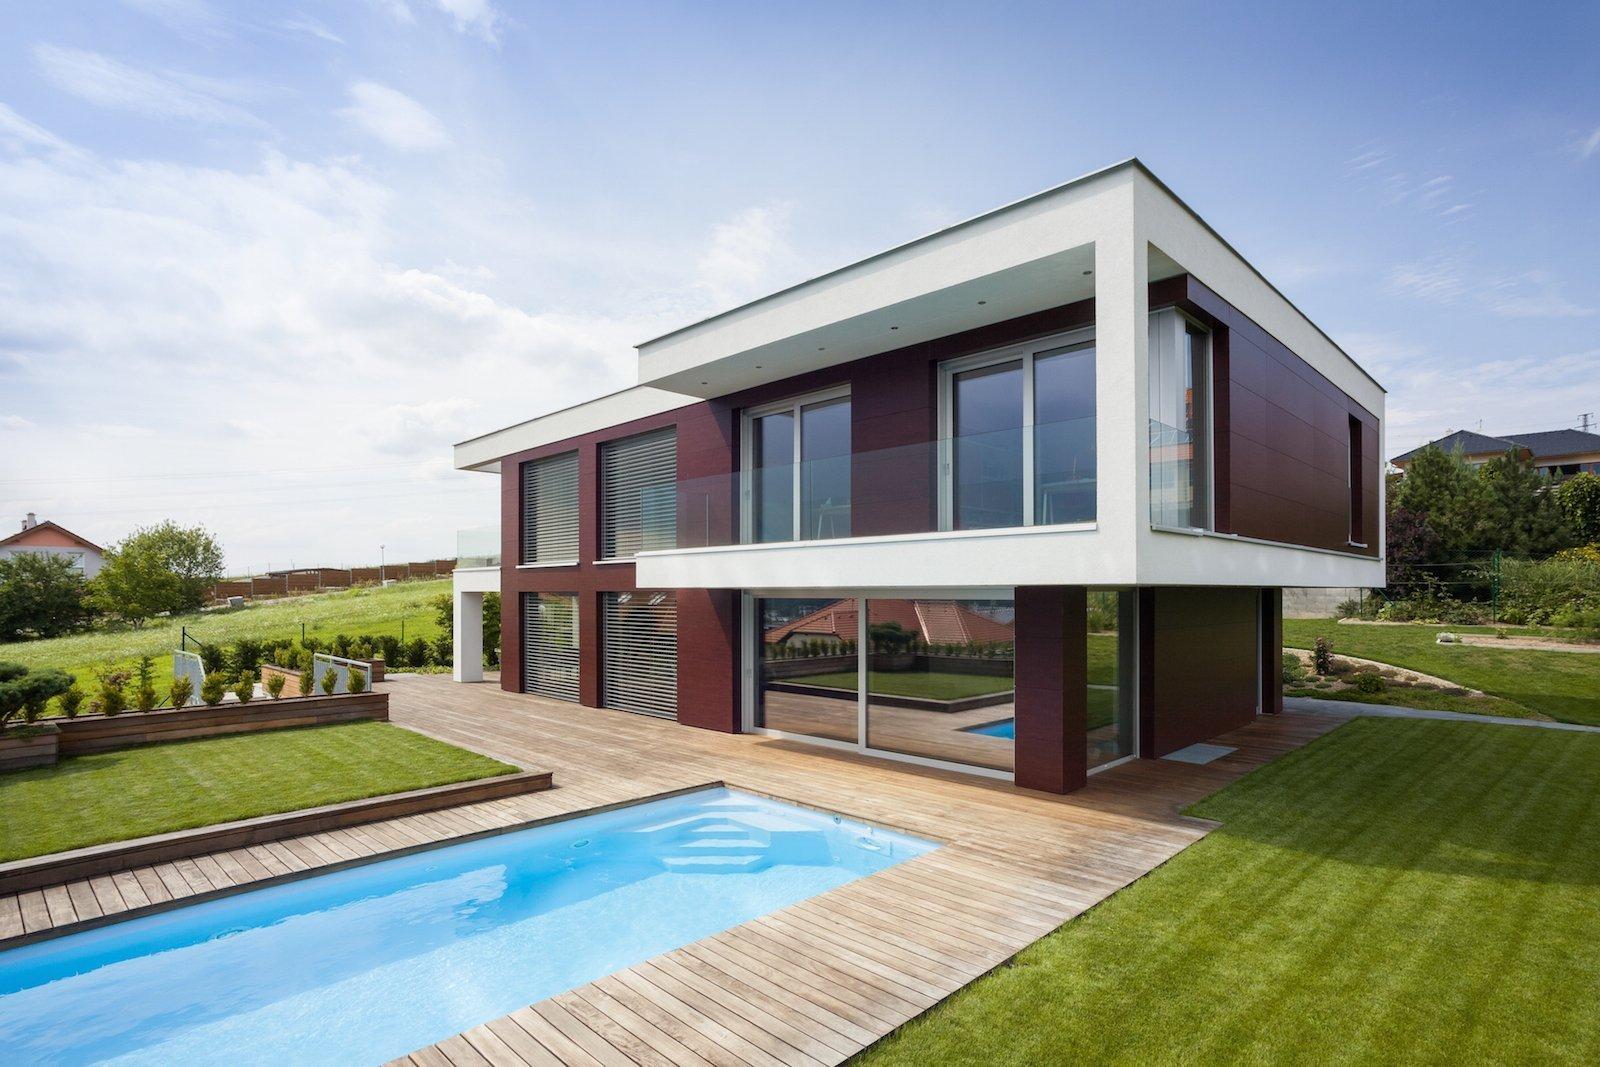 Velkorysé řešení interiéru není rozmařilostí investorů. Majitelé žili dlouhou dobu vzahraničí, proto si po návratu domů začali plnit velké přání, a&nbsp…